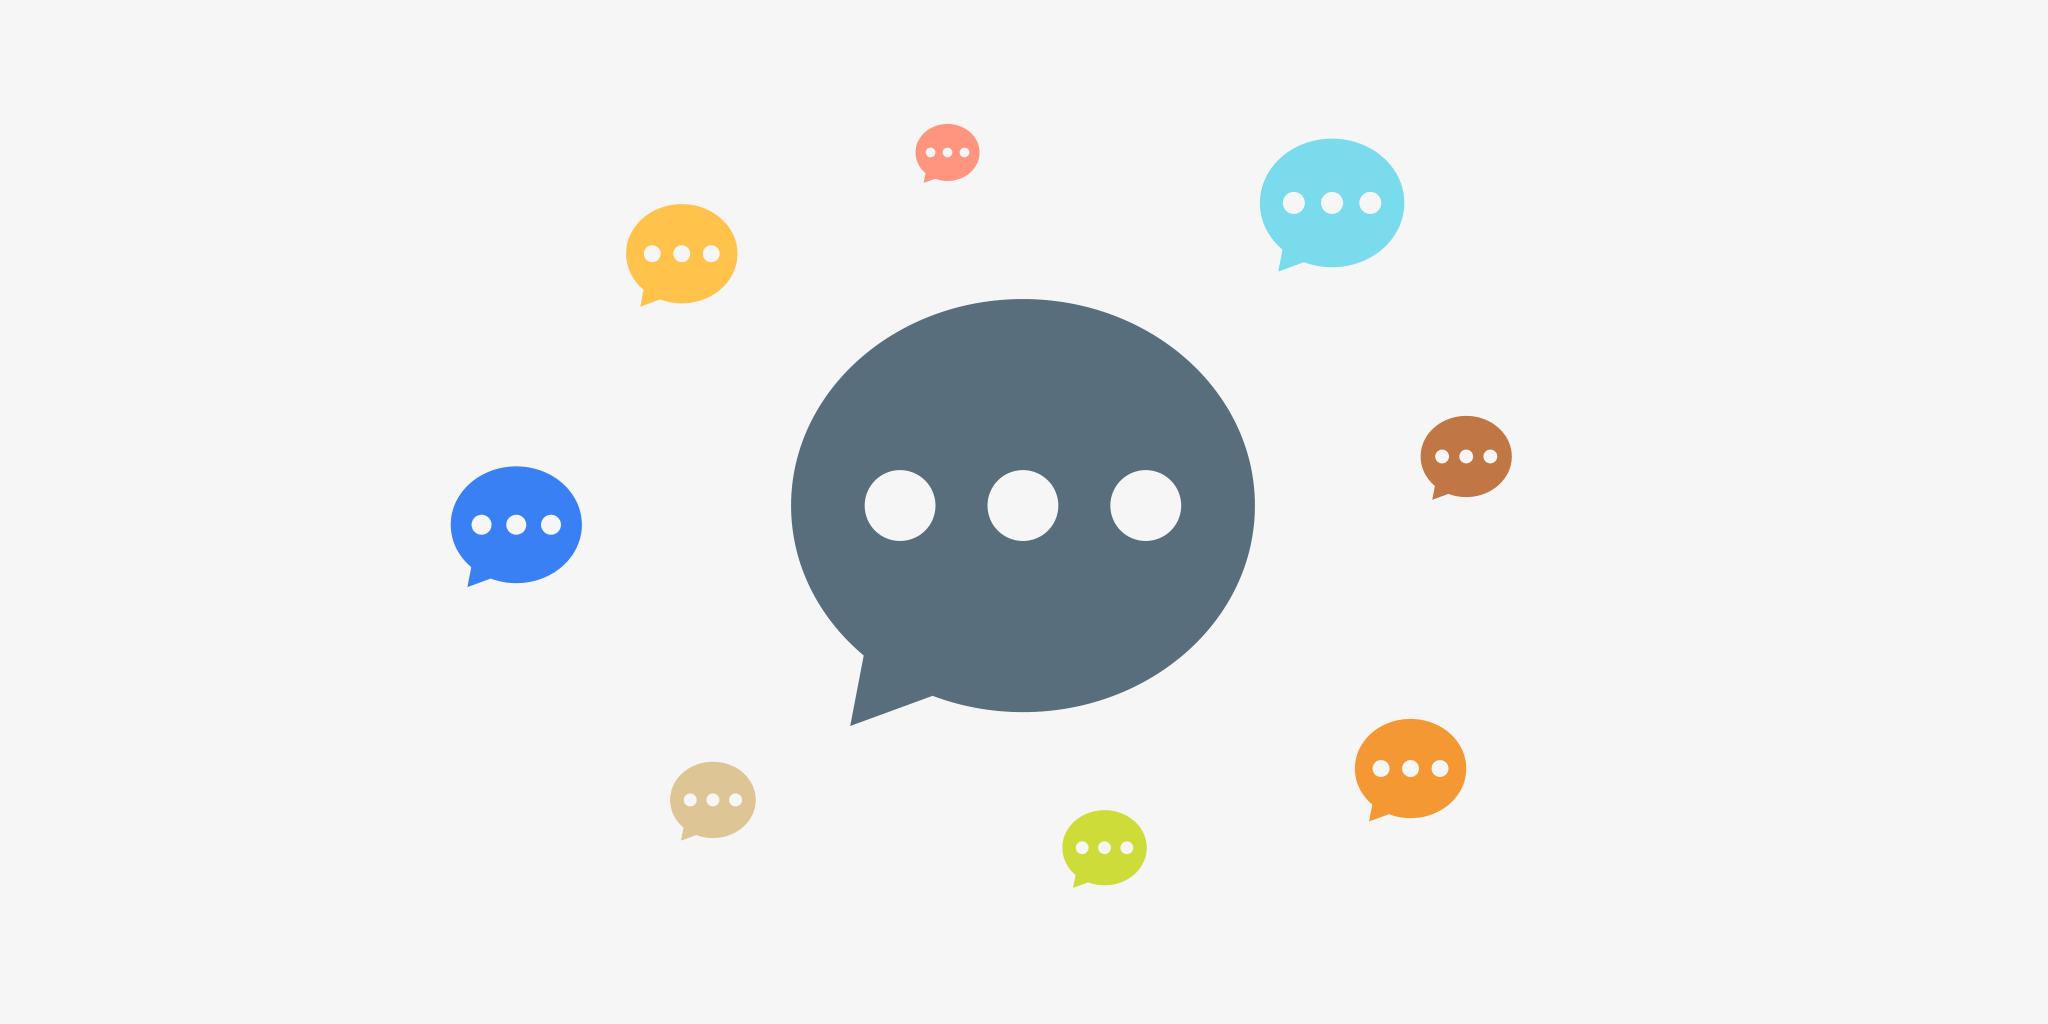 نمایش نوشته های با بیشترین نظرات در وردپرس